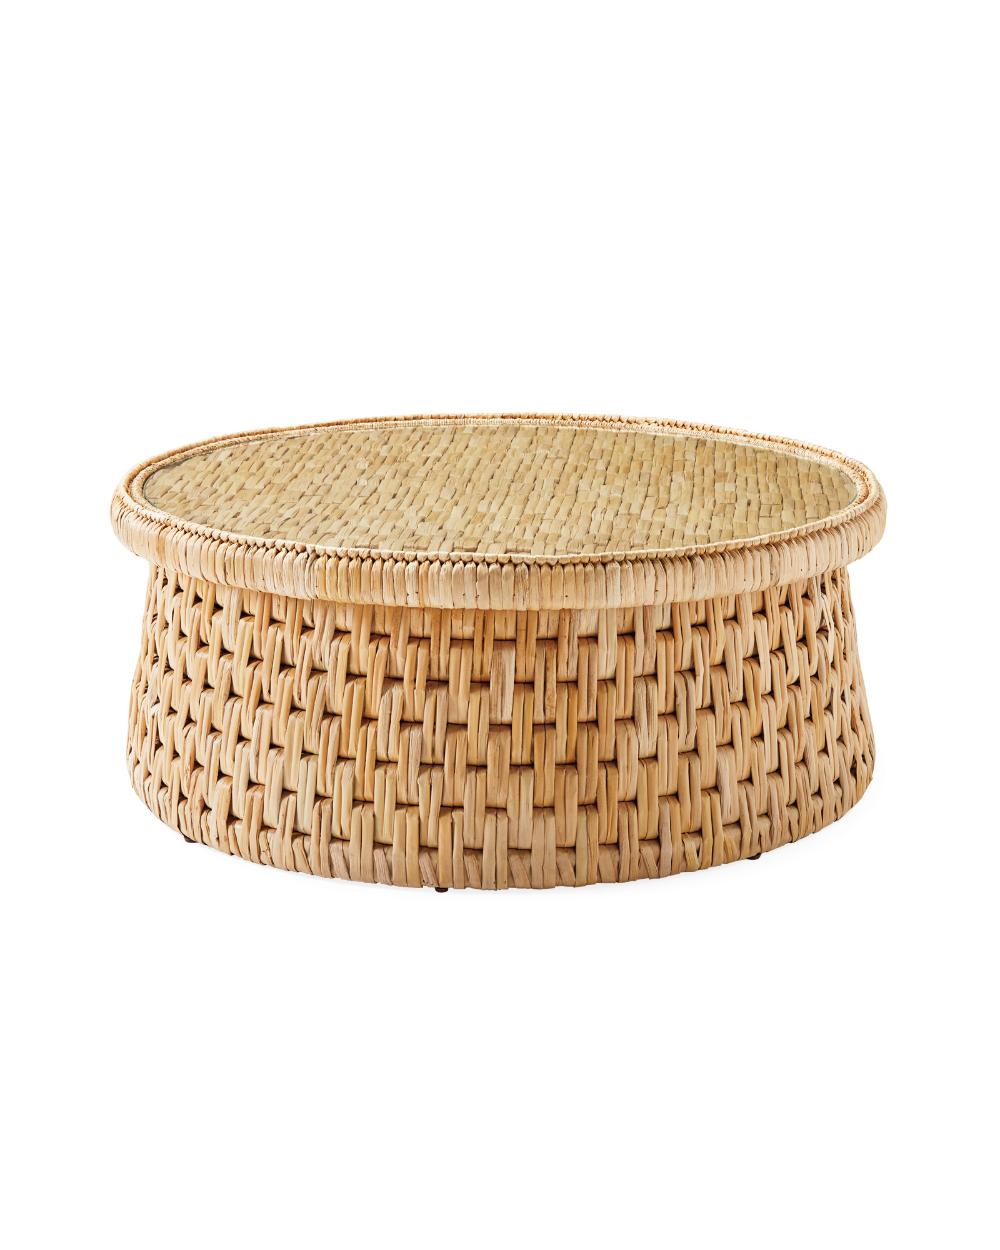 Cape Coffee Table Coffee Table Round Coffee Table Warm Wood [ 1250 x 1000 Pixel ]